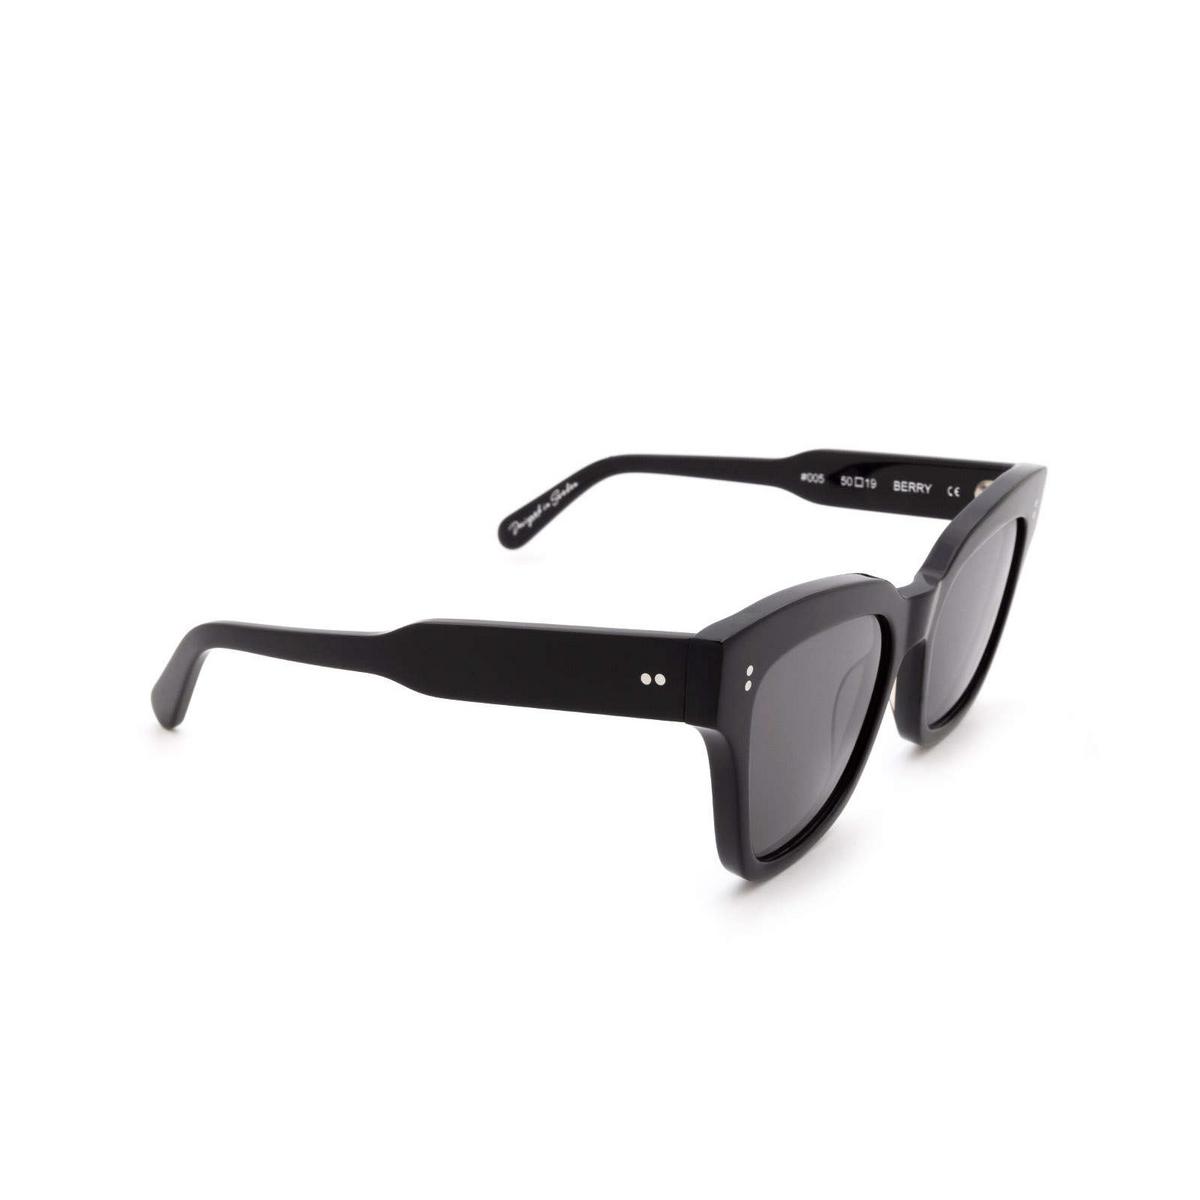 Chimi® Square Sunglasses: #005 color Black Berry.